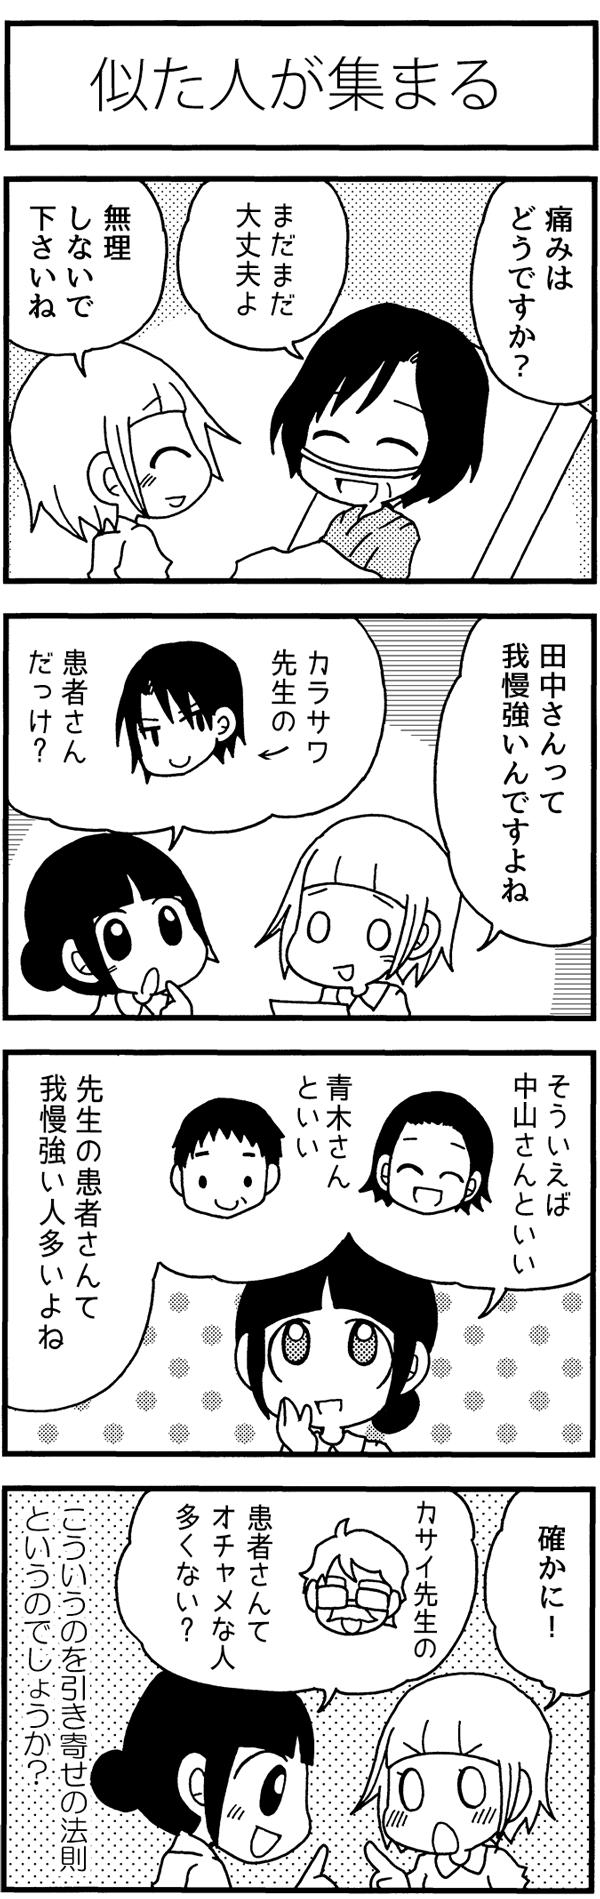 マンガ・こんな私も3年目~みちよのナース道。みちよが患者さんと話をしていました。痛みに我慢強い田中さんは、カラサワ先生の患者さんです。すると同僚の看護師が、「そういえば中山さんといい、青木さんも先生の患者さんは我慢強いひとが多いよね。」と気がつきました。「カサイ先生の患者さんはオチャメな人が多くない?」と言われ納得するみちよ。こういうのを引き寄せの法則というのでしょうか?